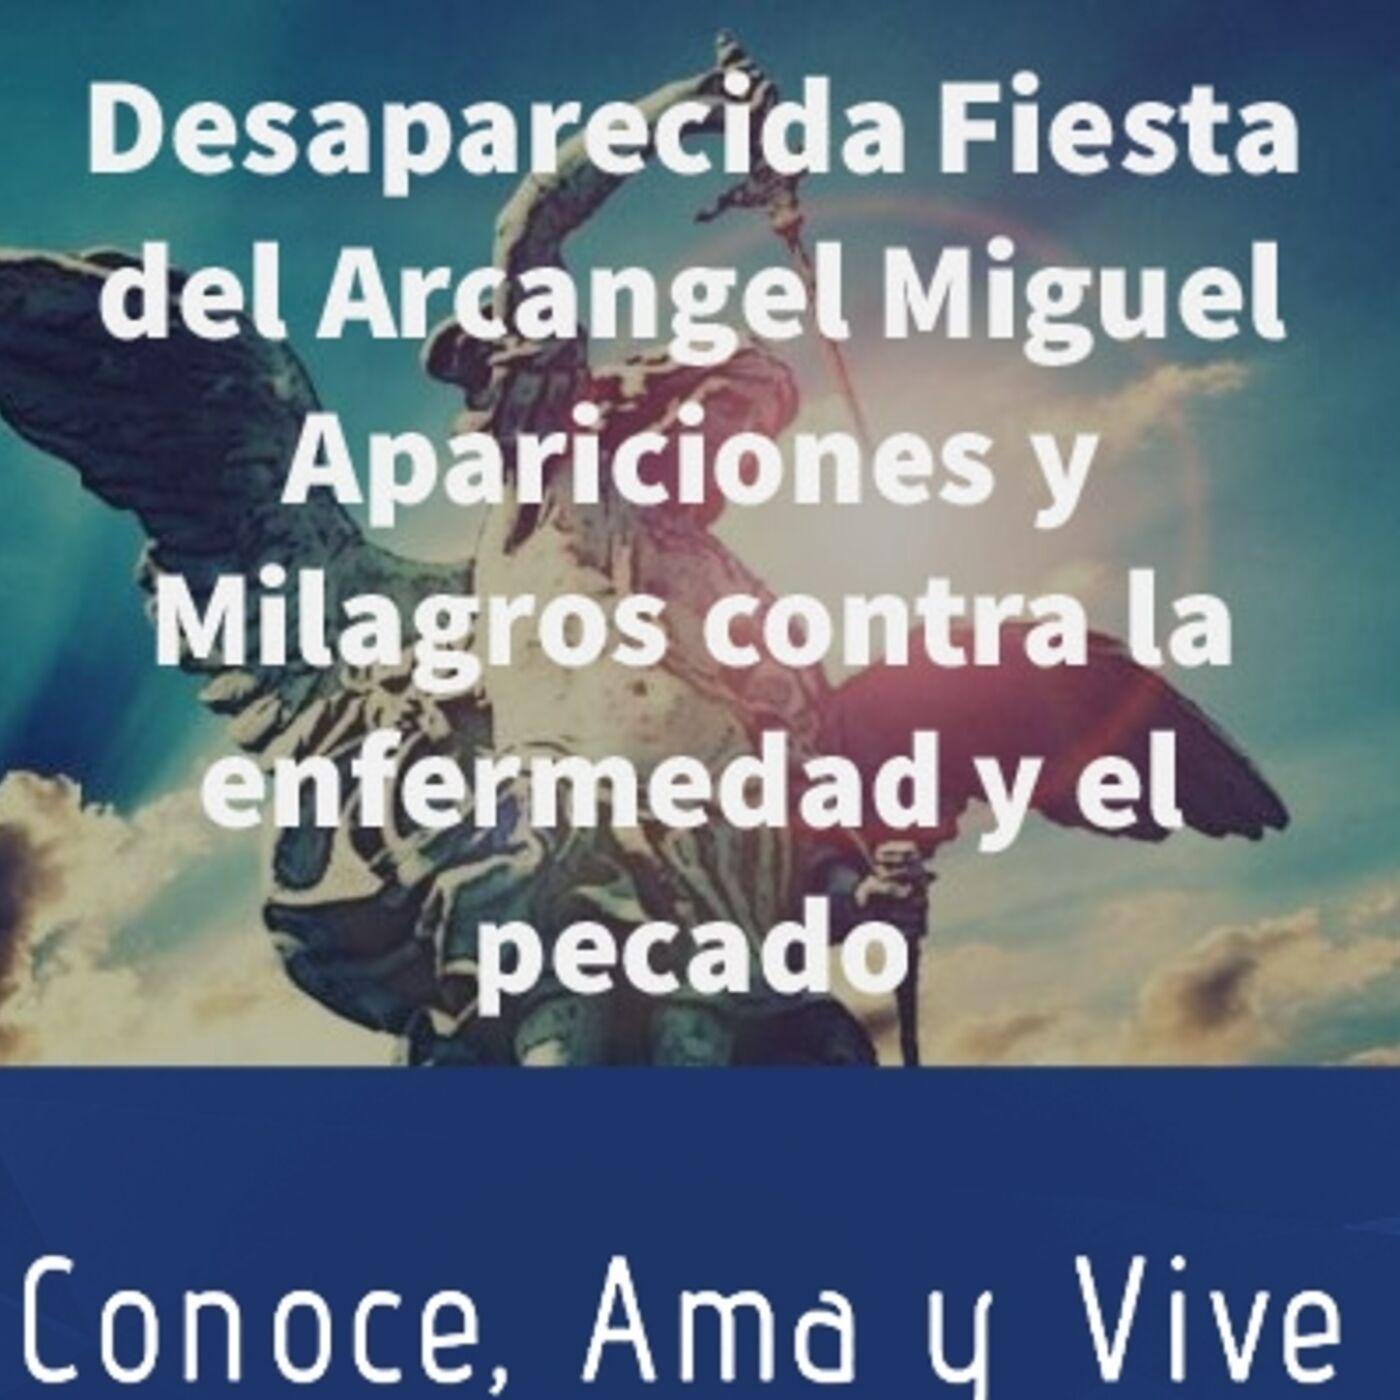 Episodio 254: 🤷♂️ La desaparecida Fiesta del Arcangel Miguel 😲 Mayo 8 ✝️Protección contra enfermedad y Pecado🛐